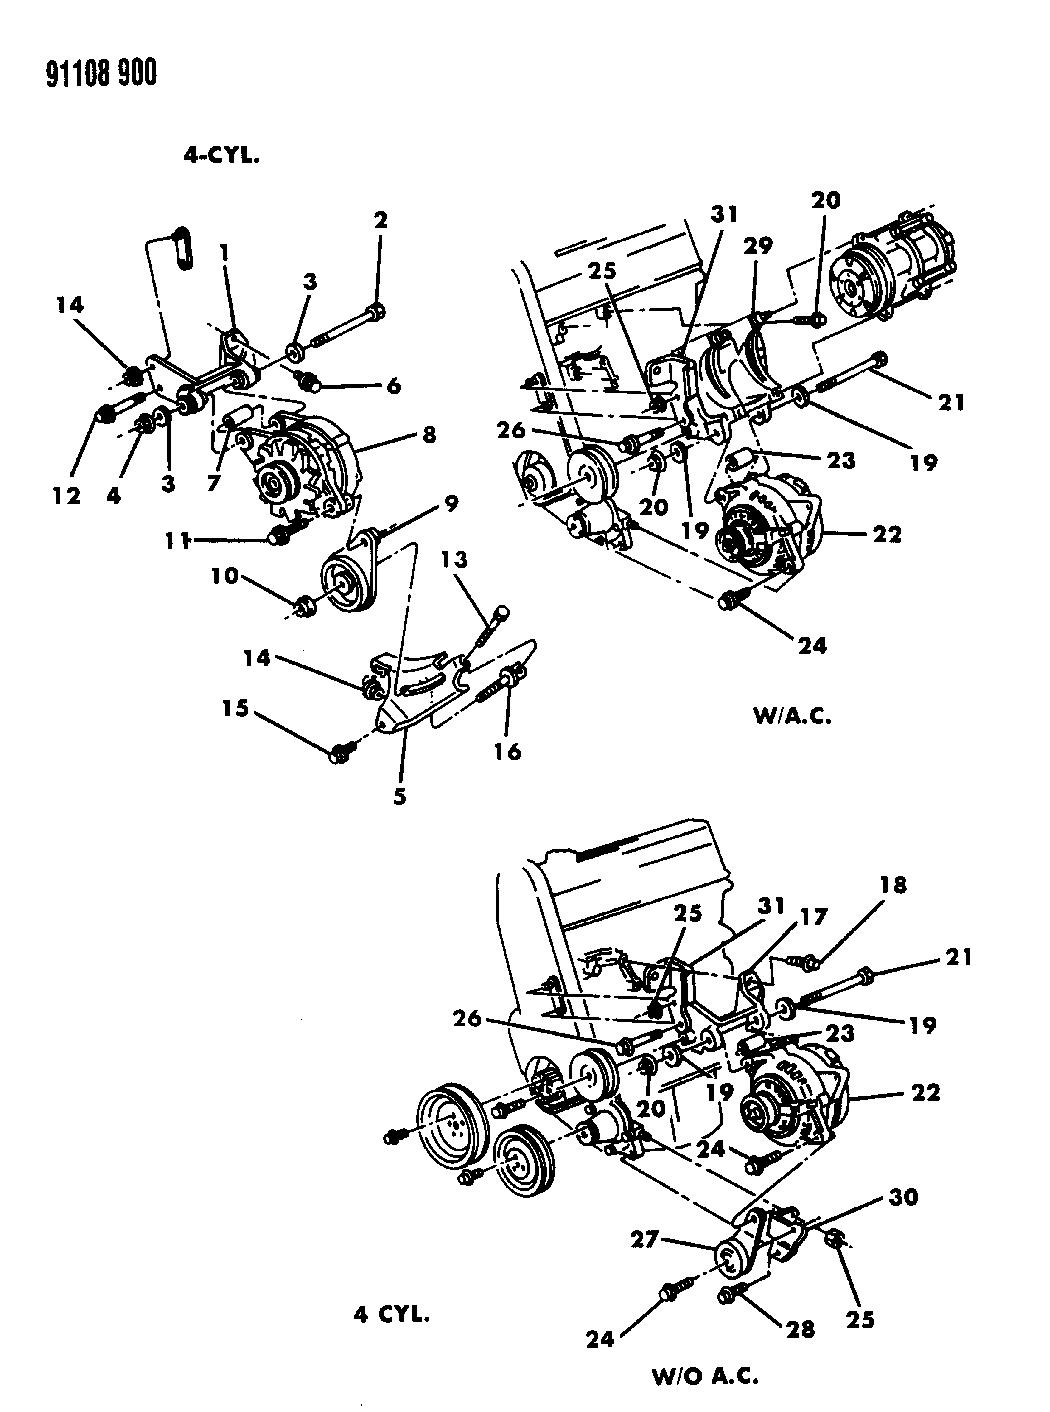 1991 Chrysler Lebaron Gtc Alternator Mounting Wiring Diagram Thumbnail 1